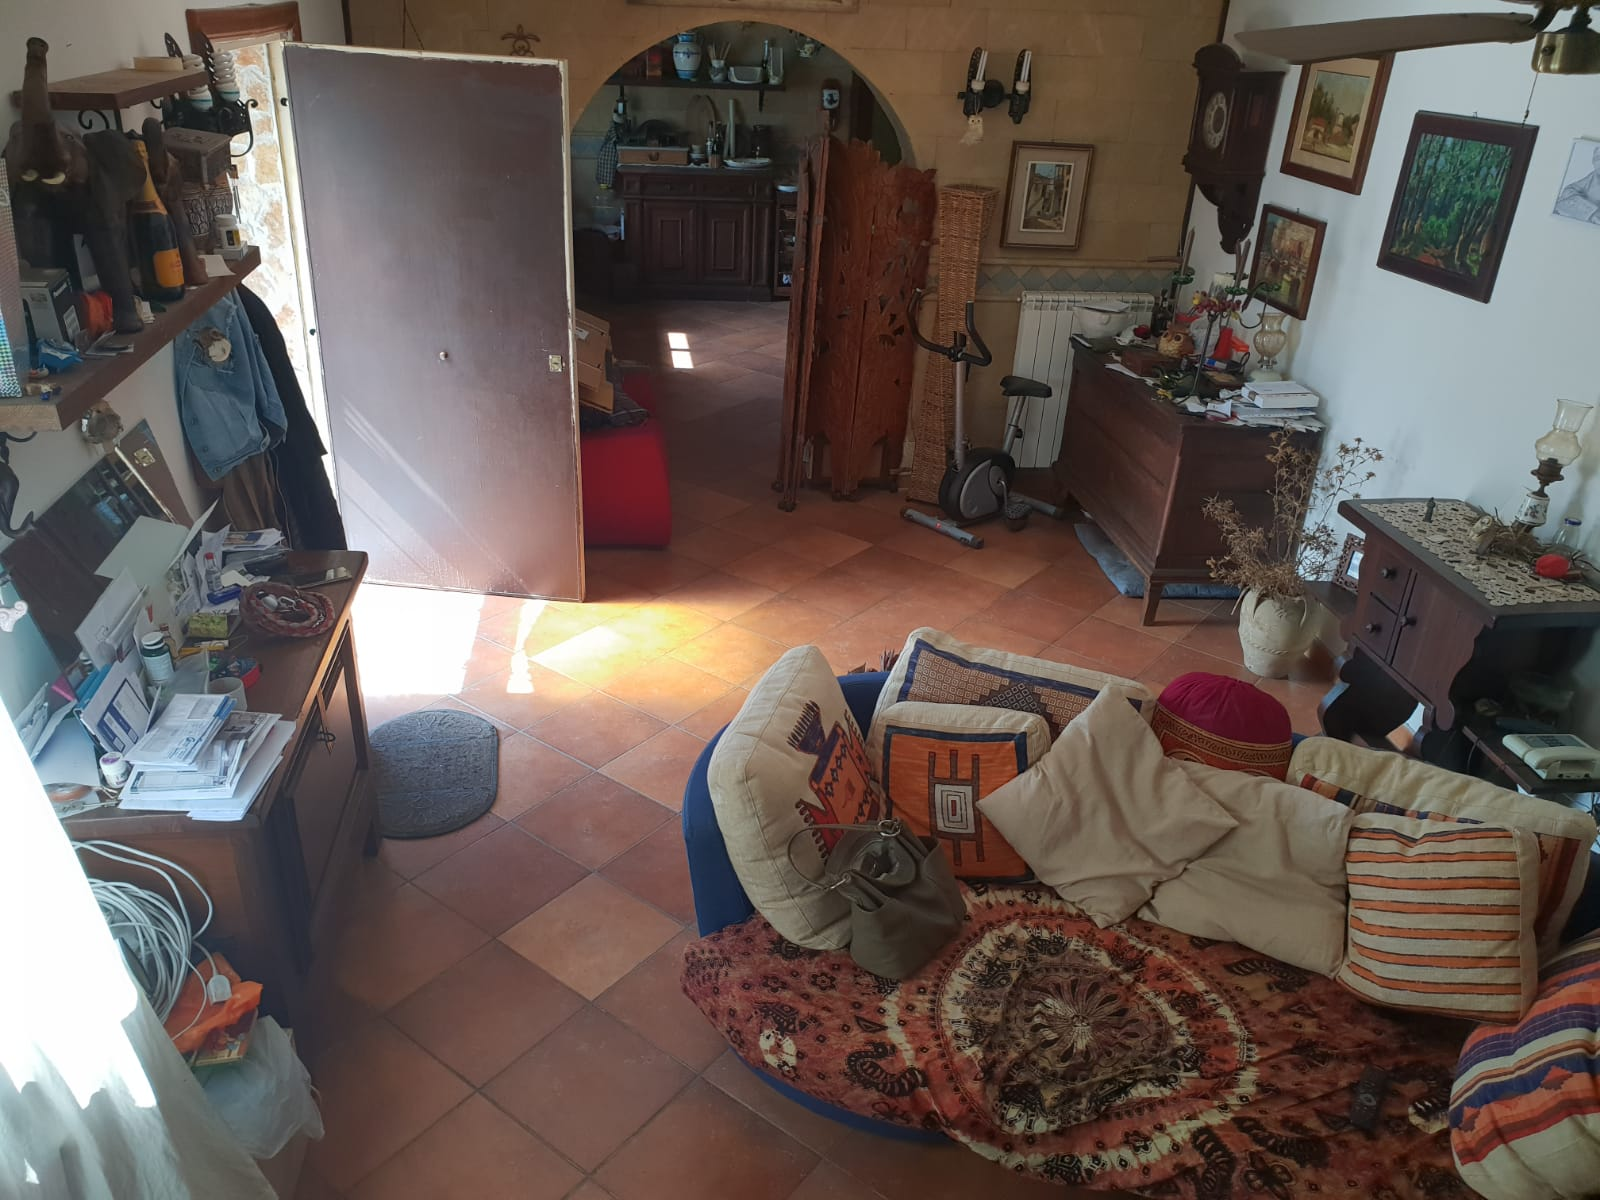 VILLA DIVISA IN 2 APPARTAMENTI Varcaturo-Viale Pini Nord